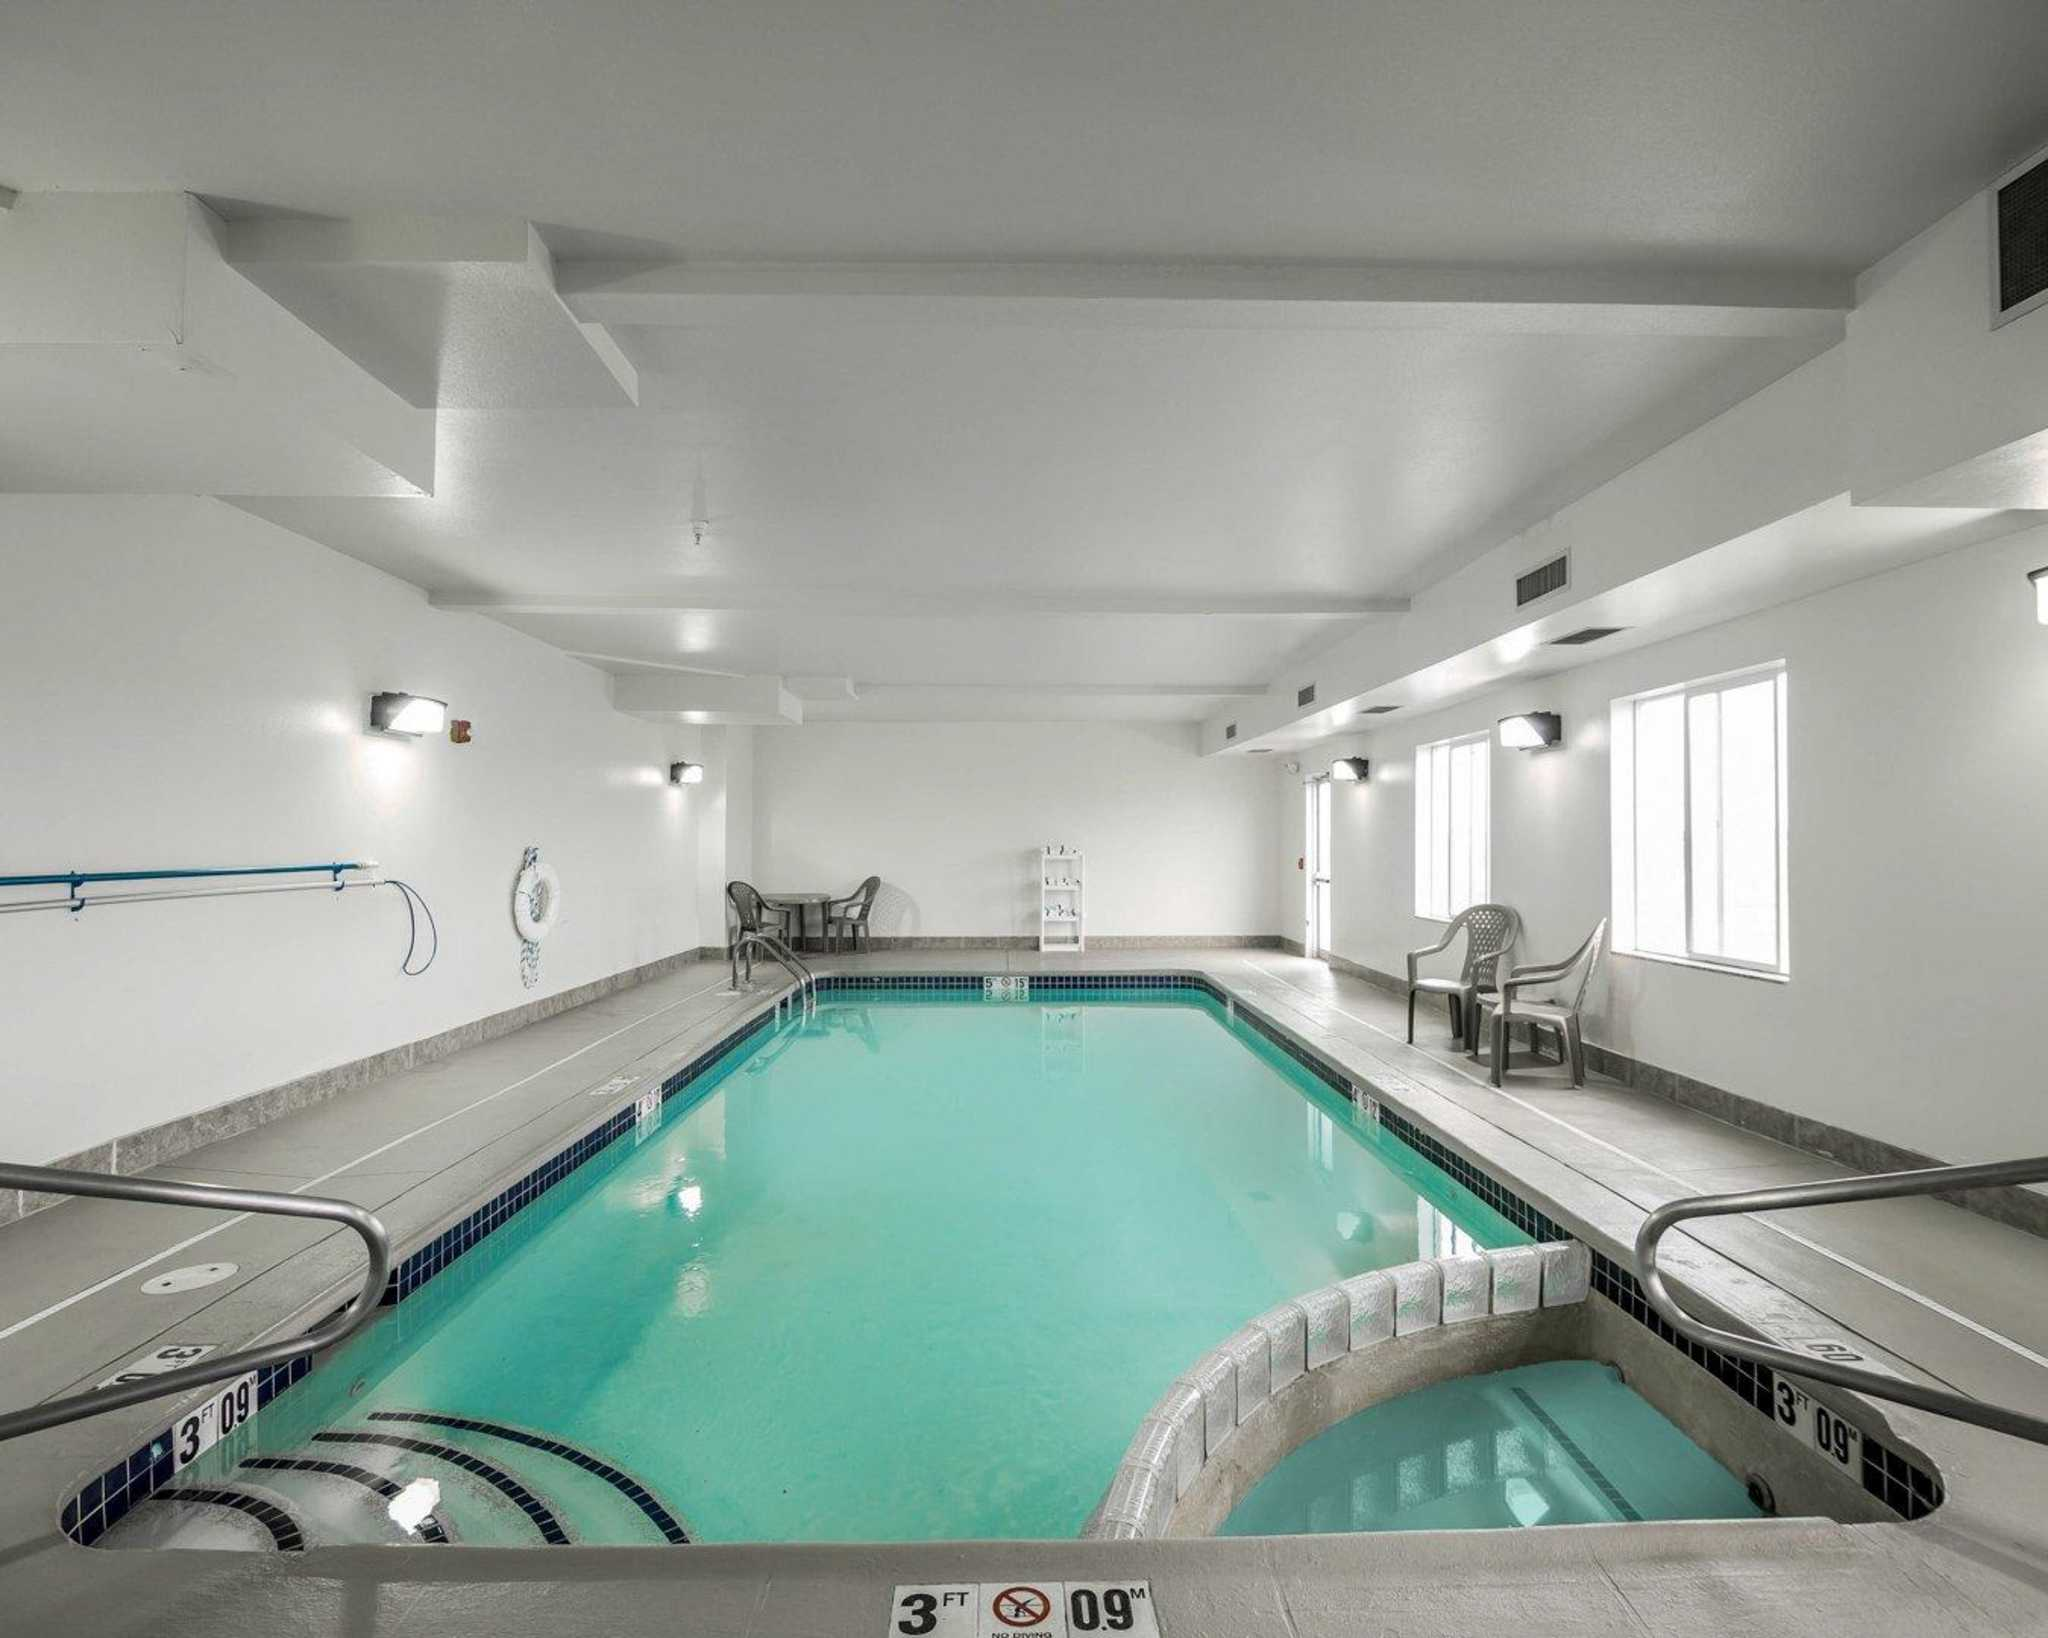 Rodeway Inn & Suites image 9